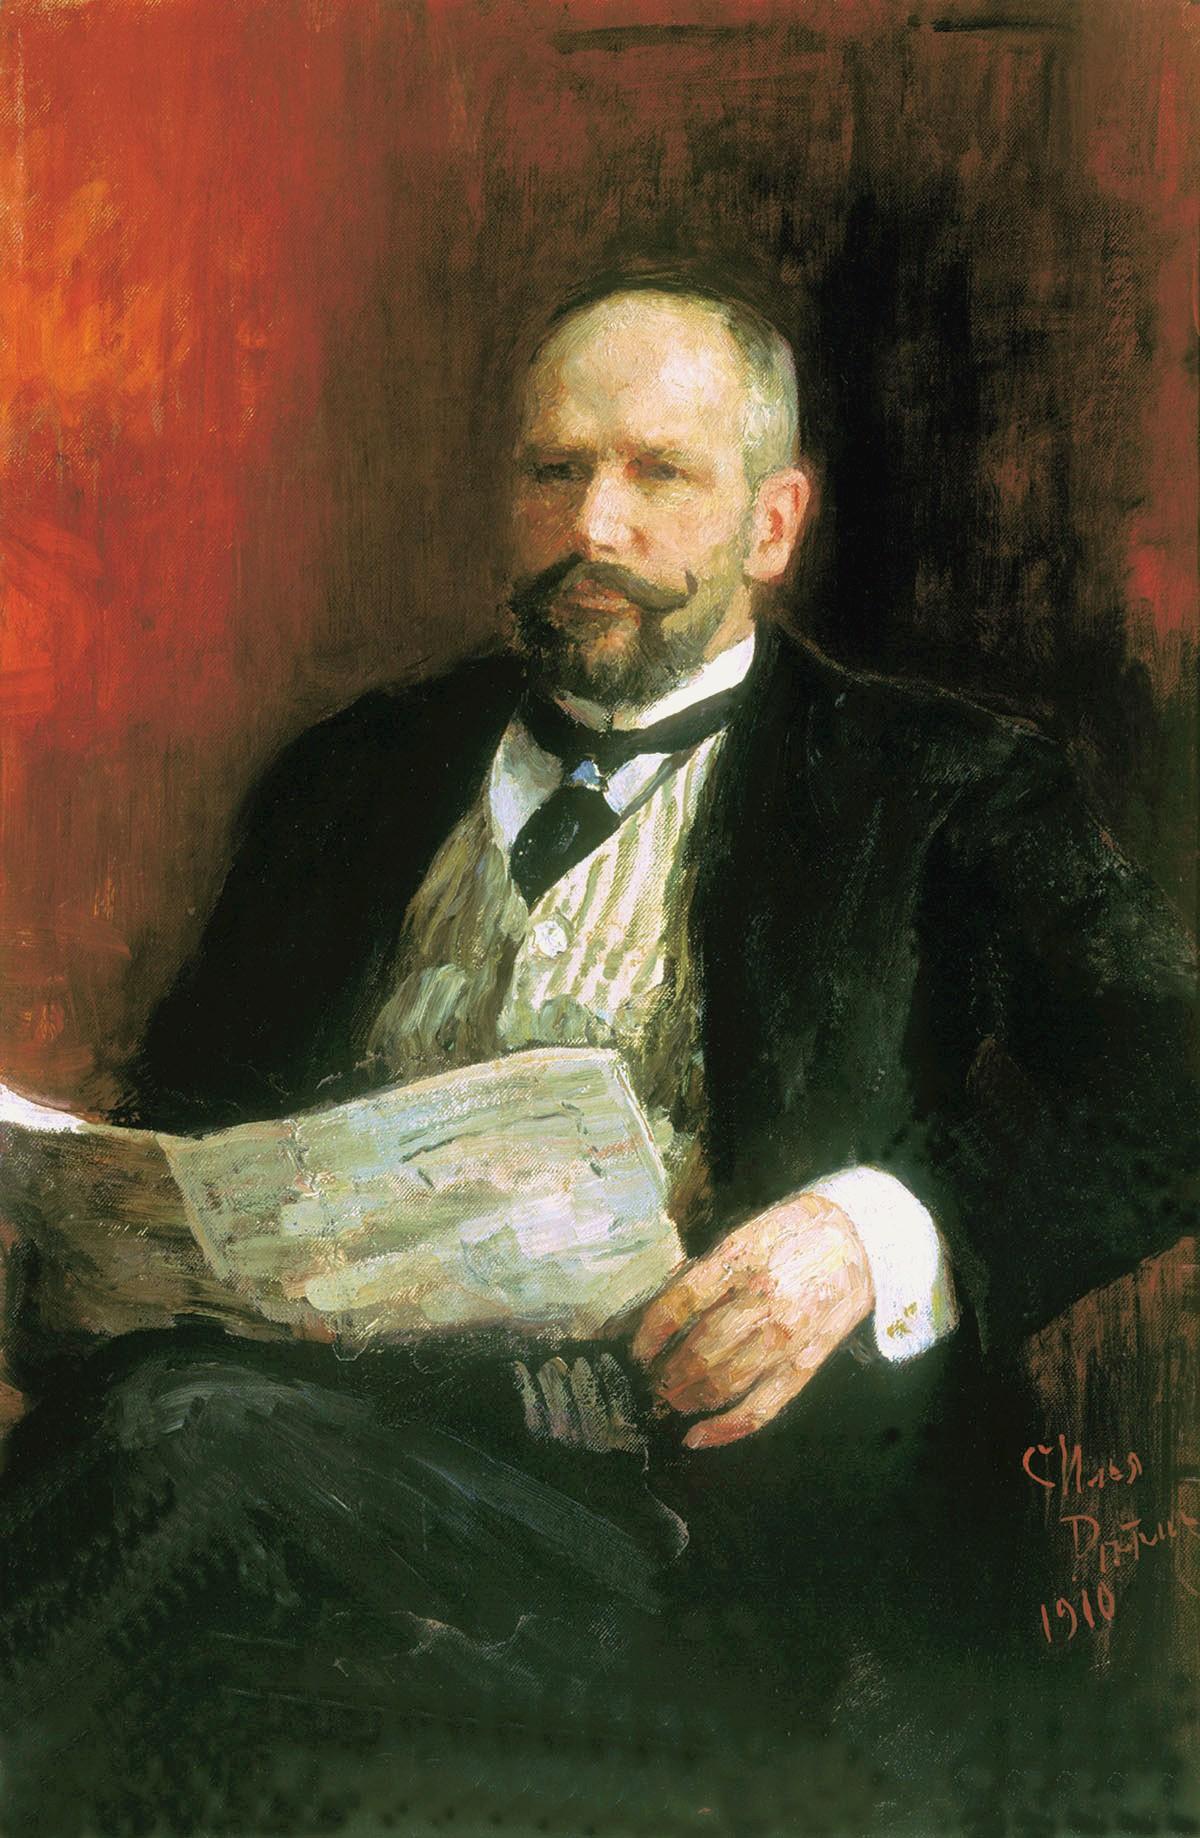 ilya-repin-portrait-of-graf-pyotr-stolypin-1910.jpg